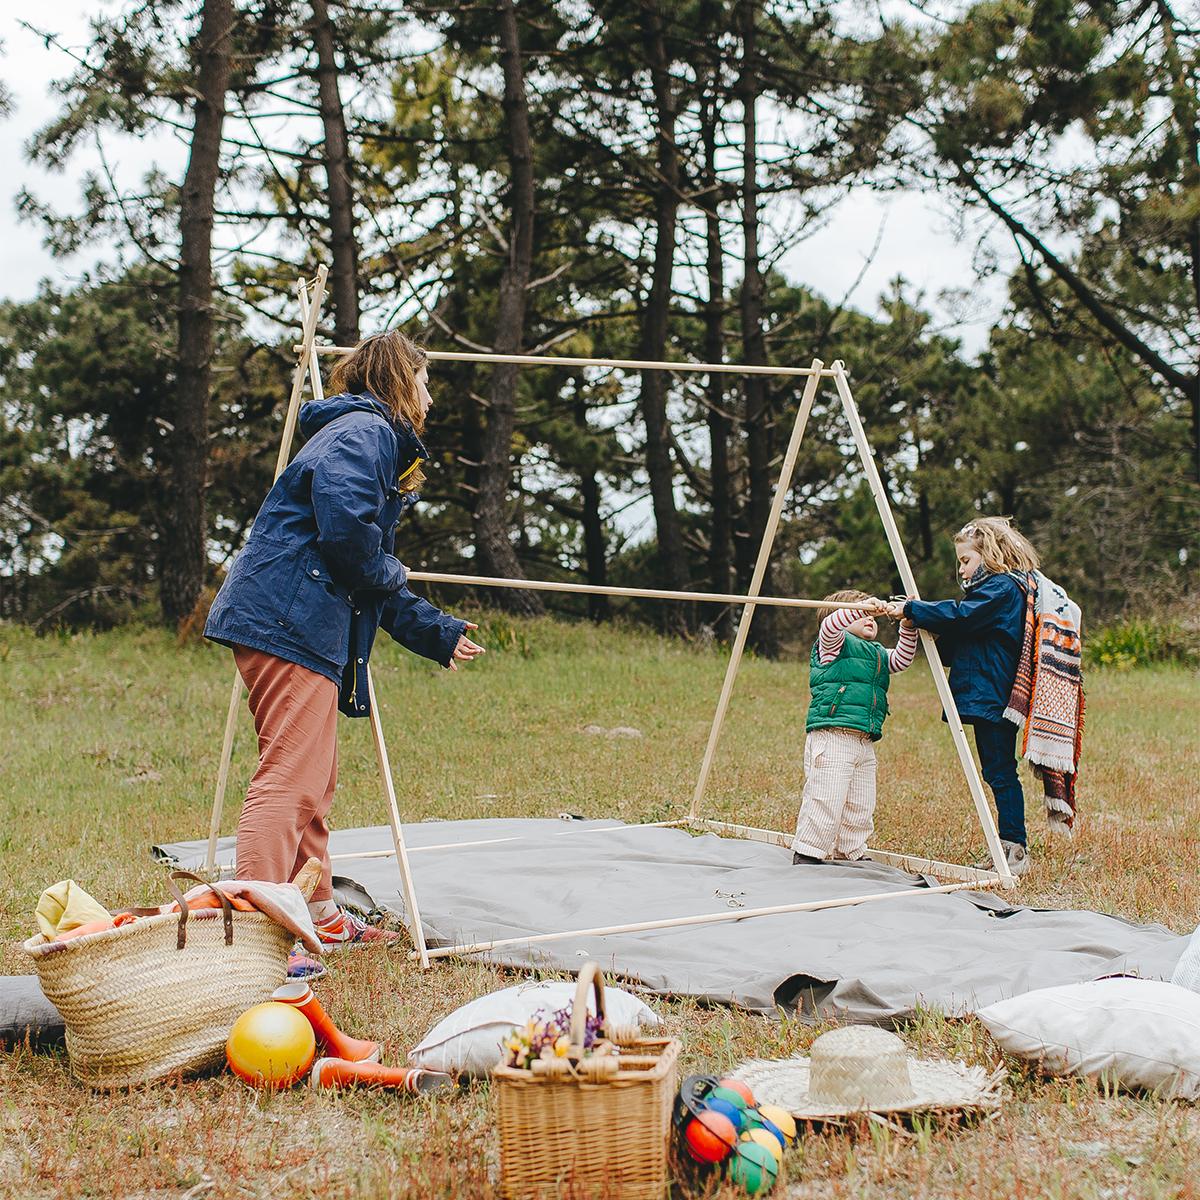 組立ては簡単でも、白木を組んだ本格フレーム、洗練されたフレンチデザイン「帆布テント」|LA TENTE ISLAISE(ラ・タント・イレーズ)